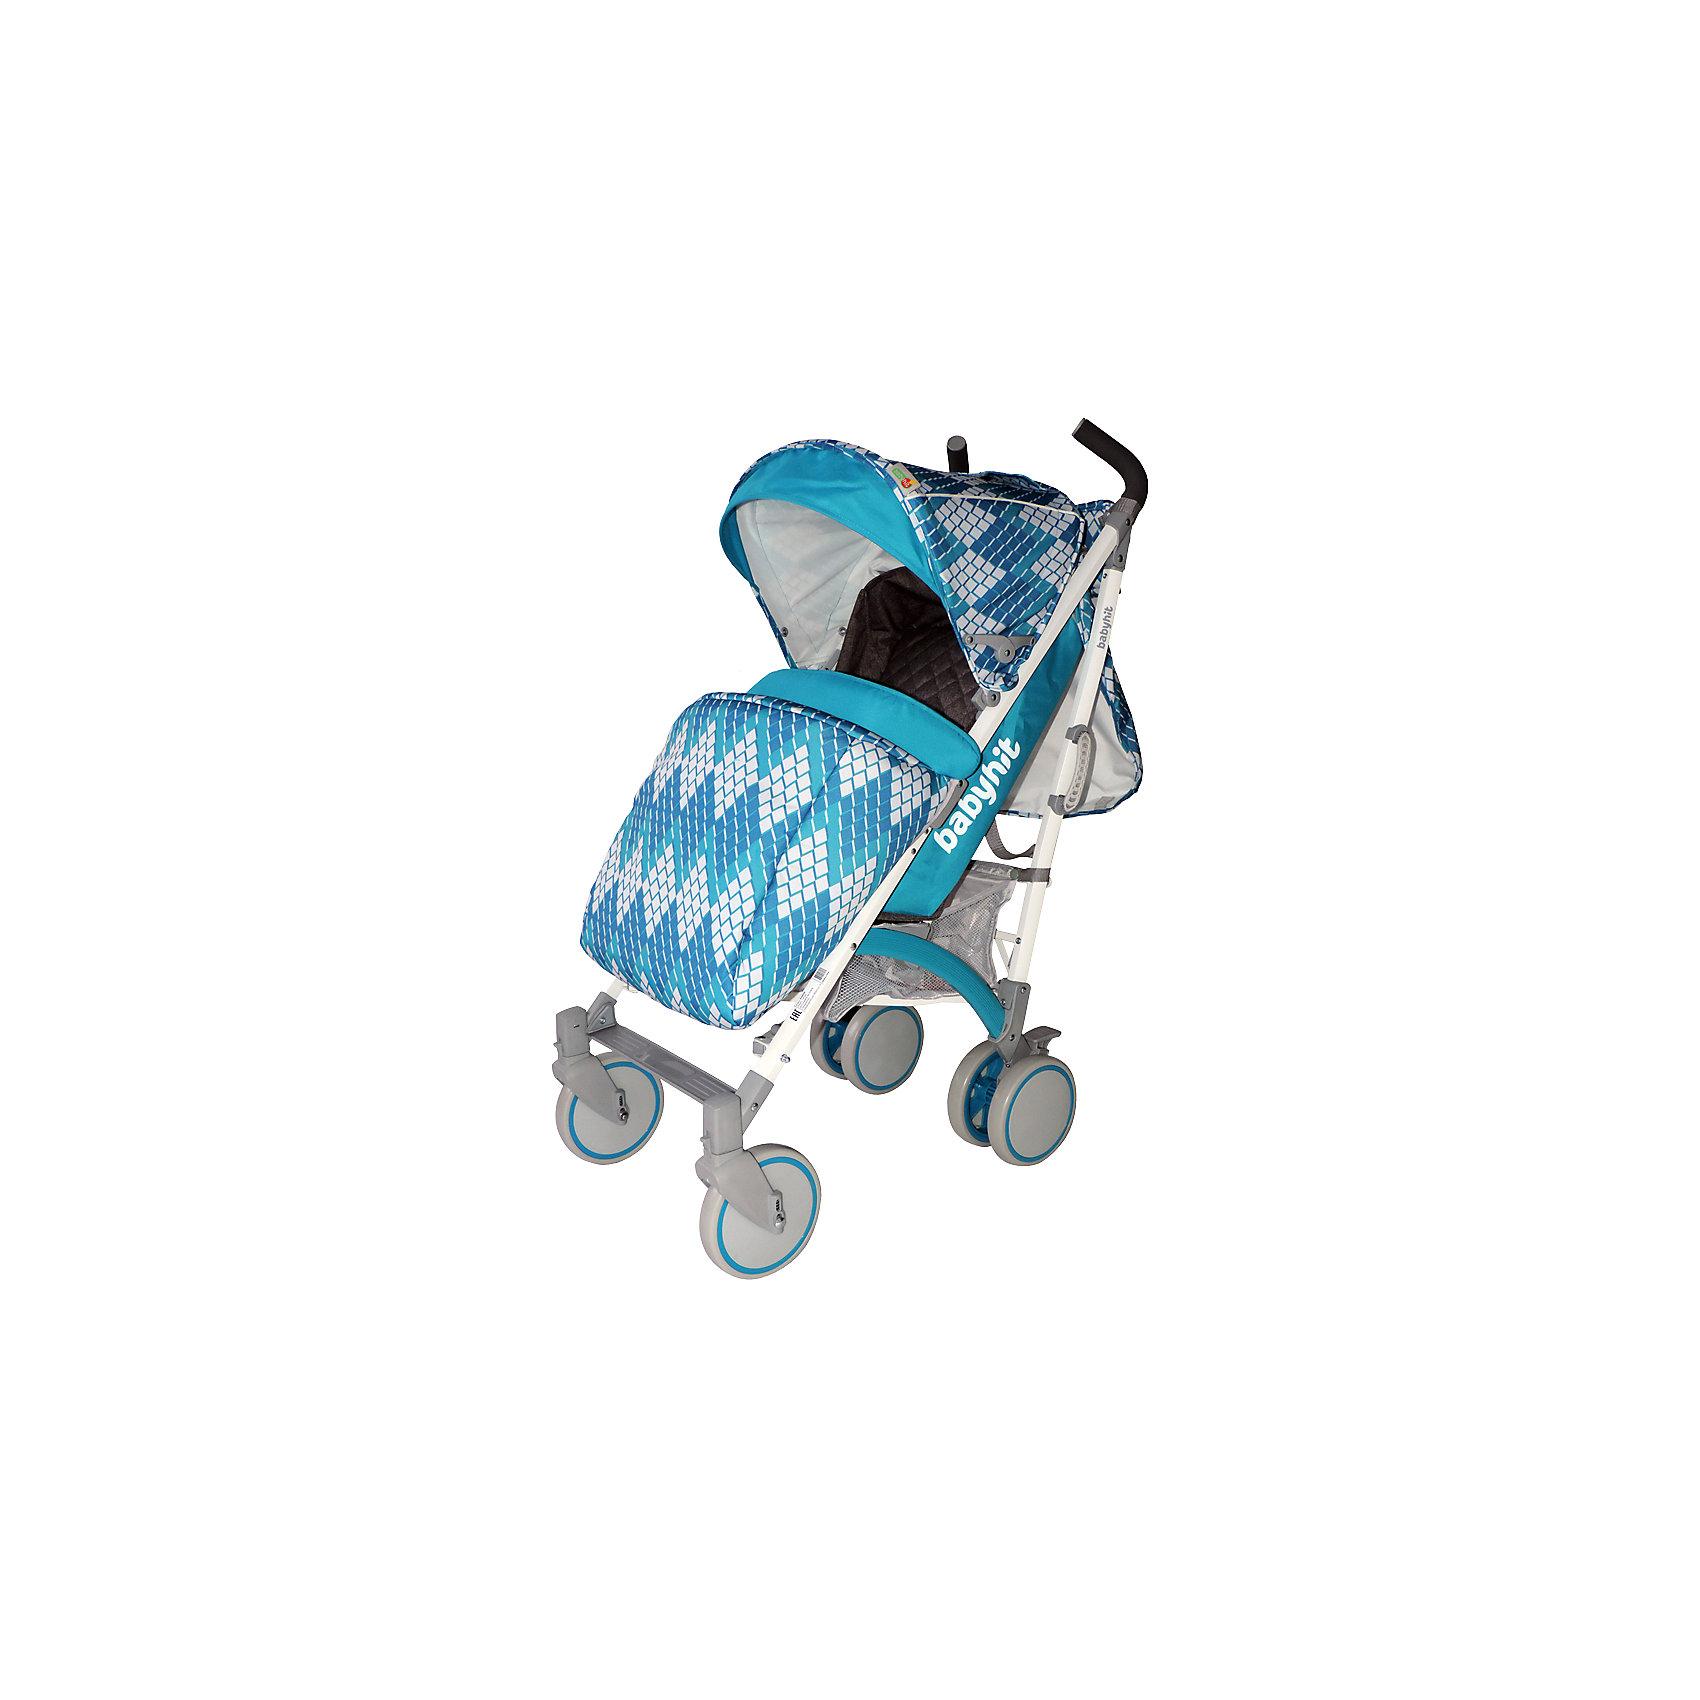 Коляска-трость BabyHit Rainbow Rhombus, голубойКоляски-трости<br>Rainbow, Baby Hit( бэби хит)  – коляска-трость для детей от 6 месяцев до 3 лет. Для дополнительной безопасности малыша коляска оснащена съемным бампером, 5-точечными ремнями и паховым ремнем. 3 положения спинки и регулируемая подножка помогут вашему ребенку удобно расположиться и отдохнуть. Передние плавающие колеса можно зафиксировать; все колеса амортизированы. Капюшон-батискаф опускается до бампера коляска в случае необходимости. Коляска легко складывается и автоматически блокируется. Для удобства переноса предусмотрена специальная ручка.  Есть корзина для покупок. С этой коляской вам будет очень комфортно гулять с крохой.<br>Особенности и преимущества:<br>-5-точечные ремни и паховый ремень для безопасности ребенка<br>-удобна при переносе в сложенном виде<br>-плавающие колеса можно зафиксировать<br>Размеры: 85x43x108 см<br>Вес: 7,4 кг<br>Дополнительные характеристики:<br>Ширина сиденья: 35 см<br>Длина подножки: 13 см<br>Глубина сиденья: 25 см<br>Размер спального места: 85x35 см<br>Высота спинки: 47 см<br>В комплекте: чехол для ног, дождевик, сумка для мамы, москитная сетка<br>Вы можете приобрести коляску Rainbow в нашем интернет-магазине.<br>ВНИМАНИЕ! Данный артикул имеется в наличии в разных цветовых исполнениях (черный/желтый, розовый, голубой). К сожалению, заранее выбрать определенный цвет не возможно.<br><br>Ширина мм: 260<br>Глубина мм: 250<br>Высота мм: 900<br>Вес г: 8700<br>Цвет: голубой<br>Возраст от месяцев: 6<br>Возраст до месяцев: 36<br>Пол: Унисекс<br>Возраст: Детский<br>SKU: 4881275